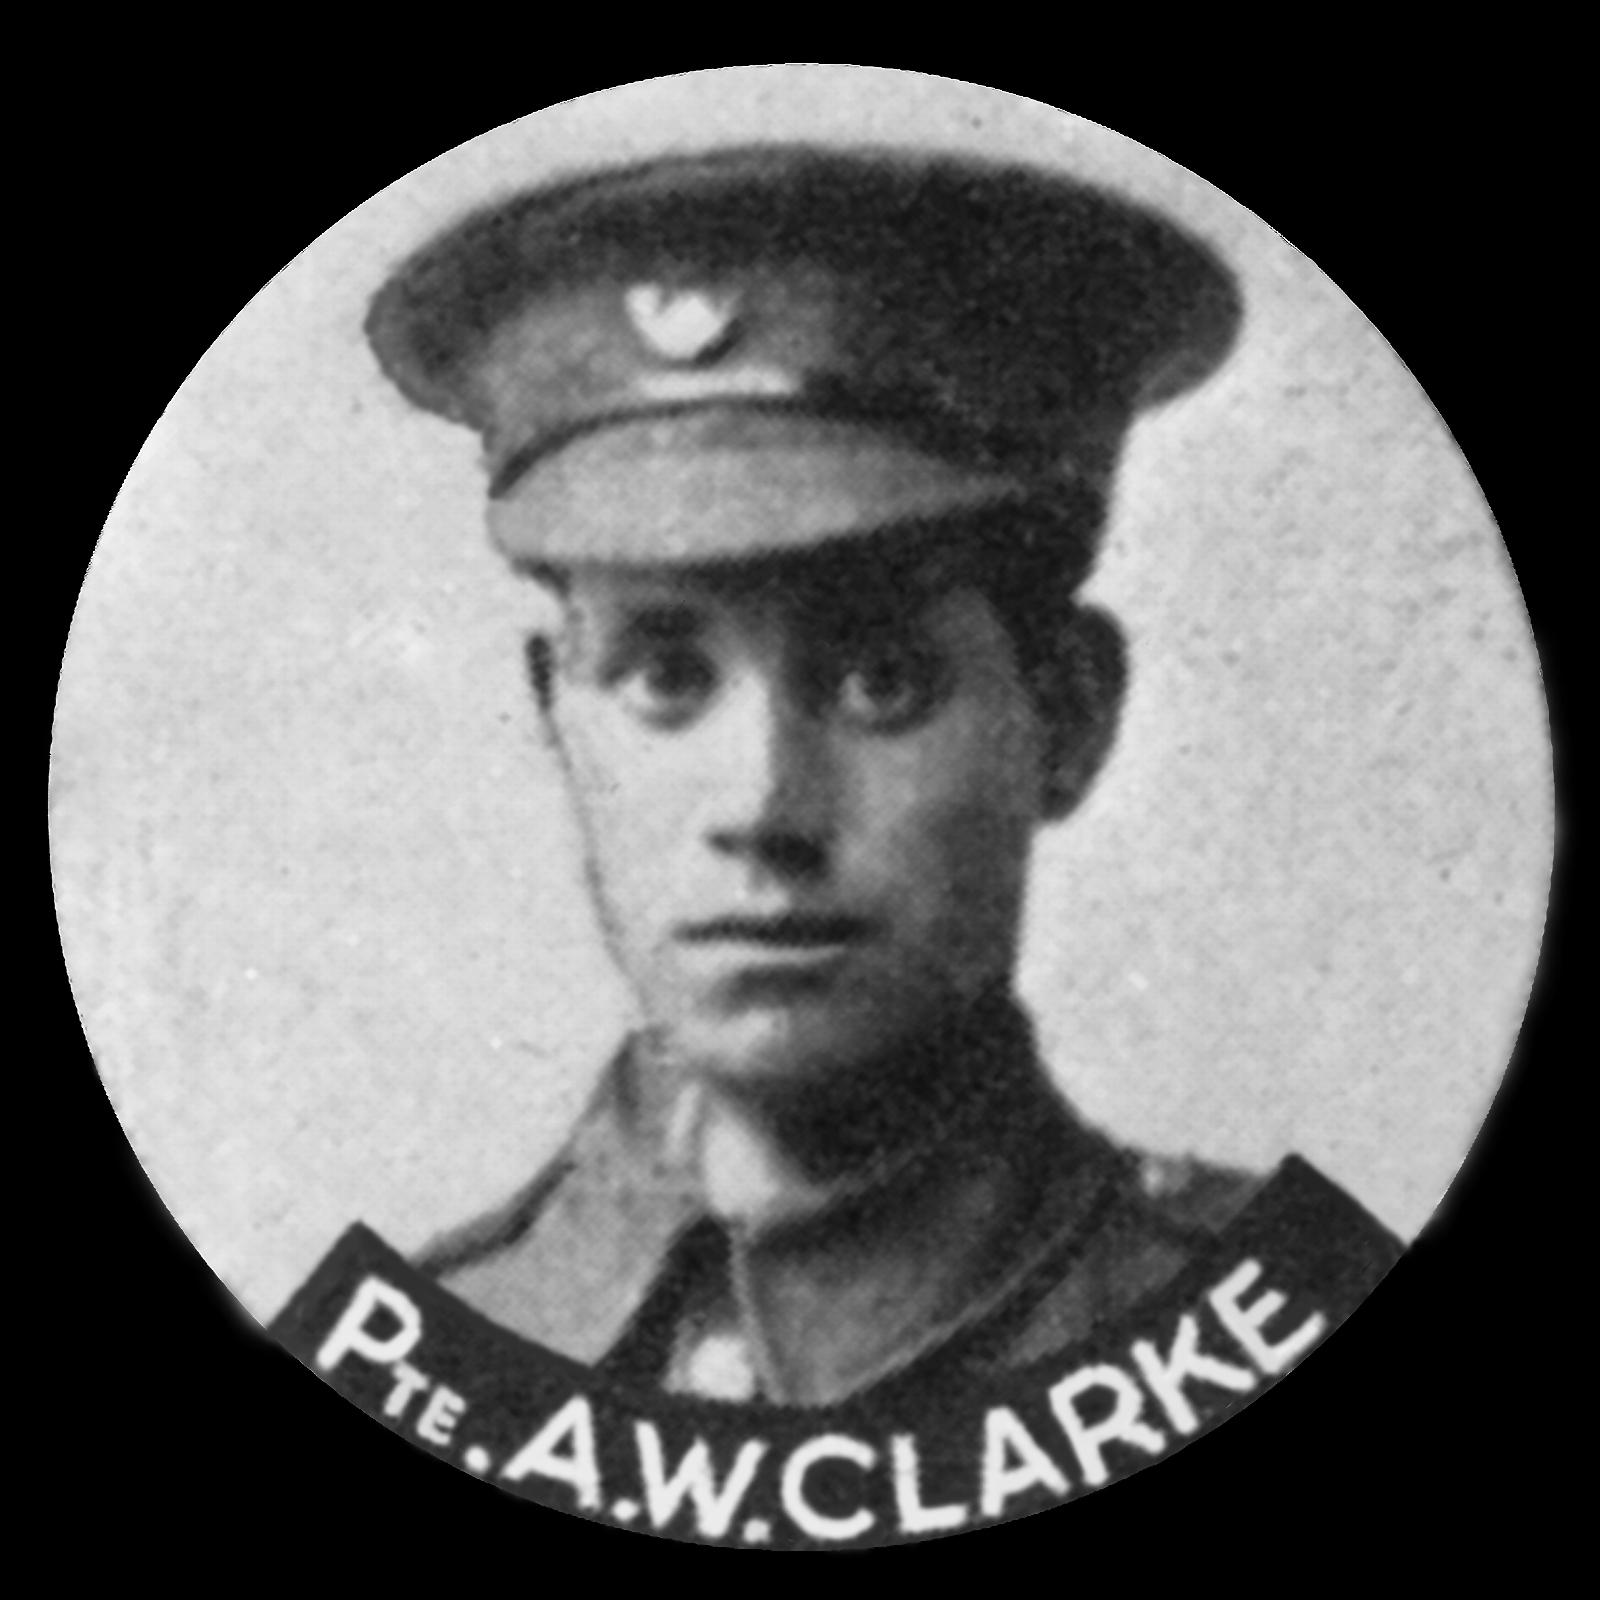 CLARK Arthur William